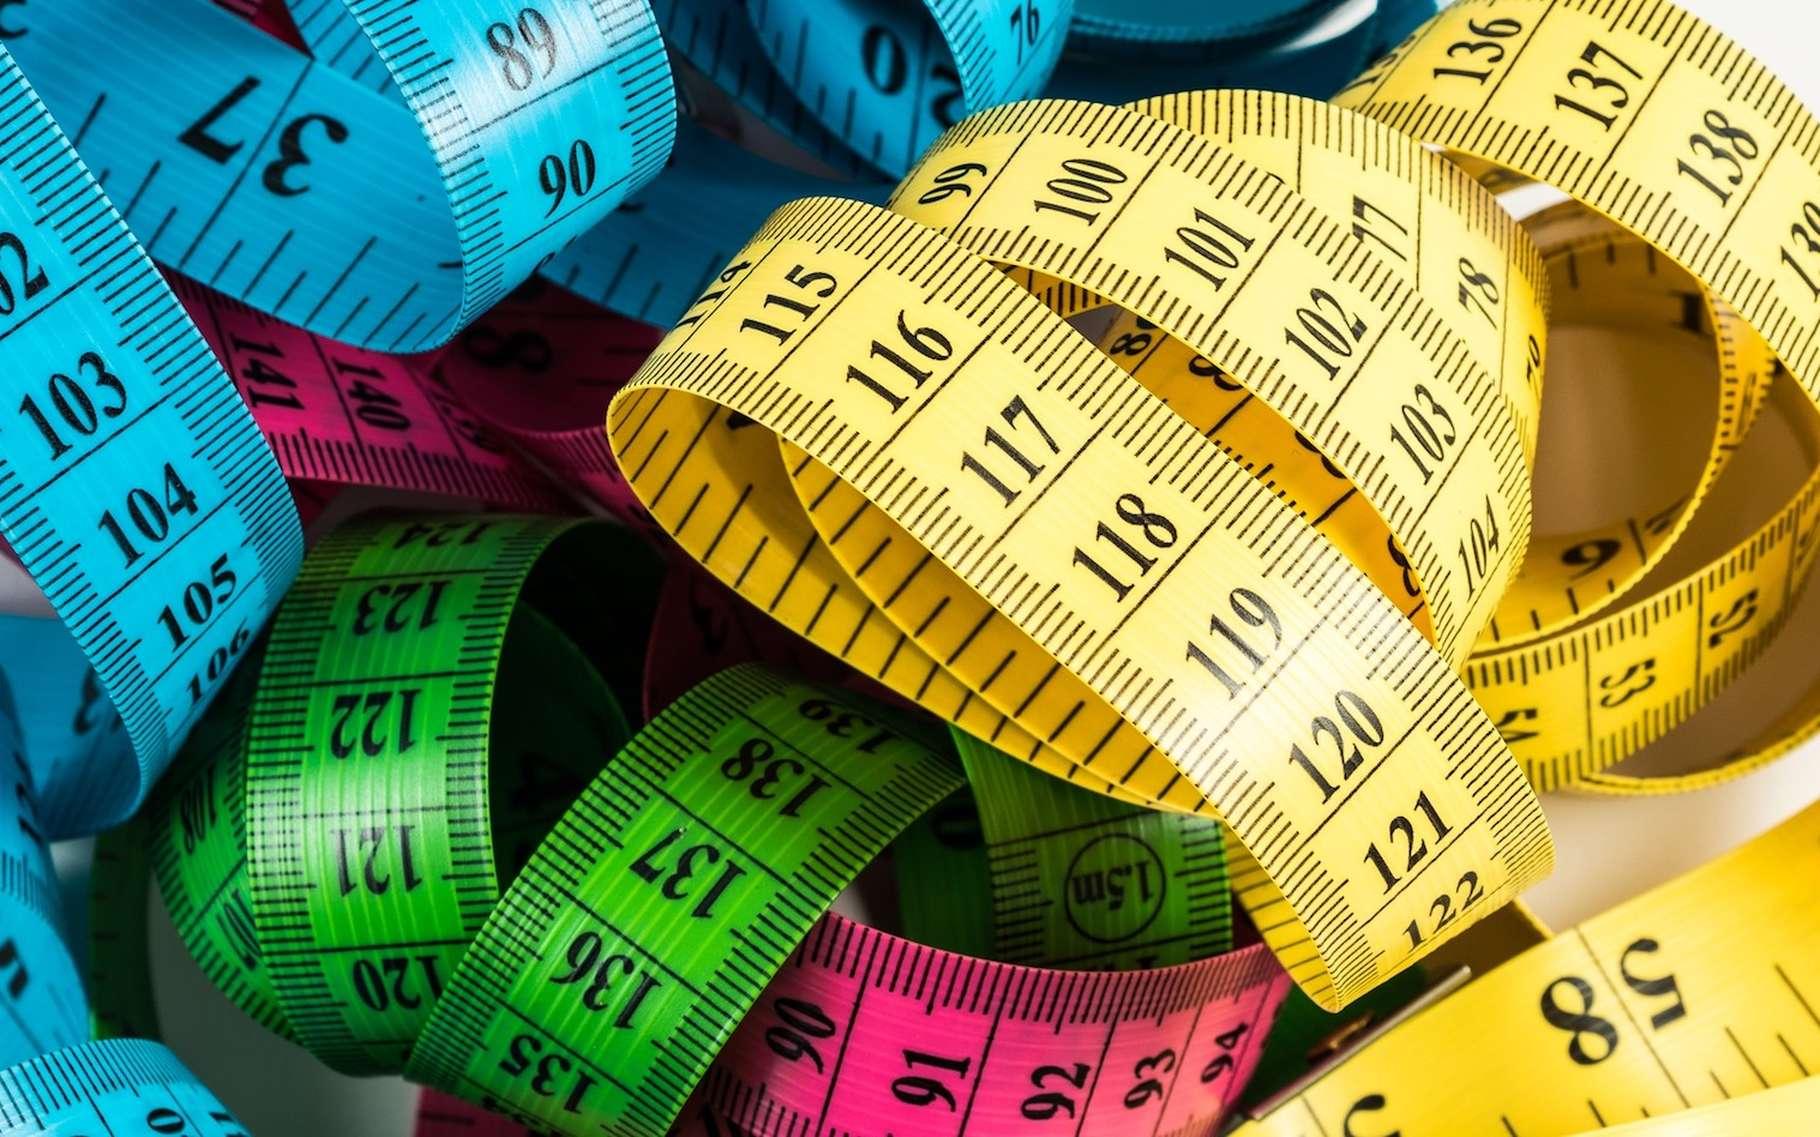 Le mètre est l'unité de mesure du Système international. © ReadyElements, Pixabay, CC0 Creative Commons